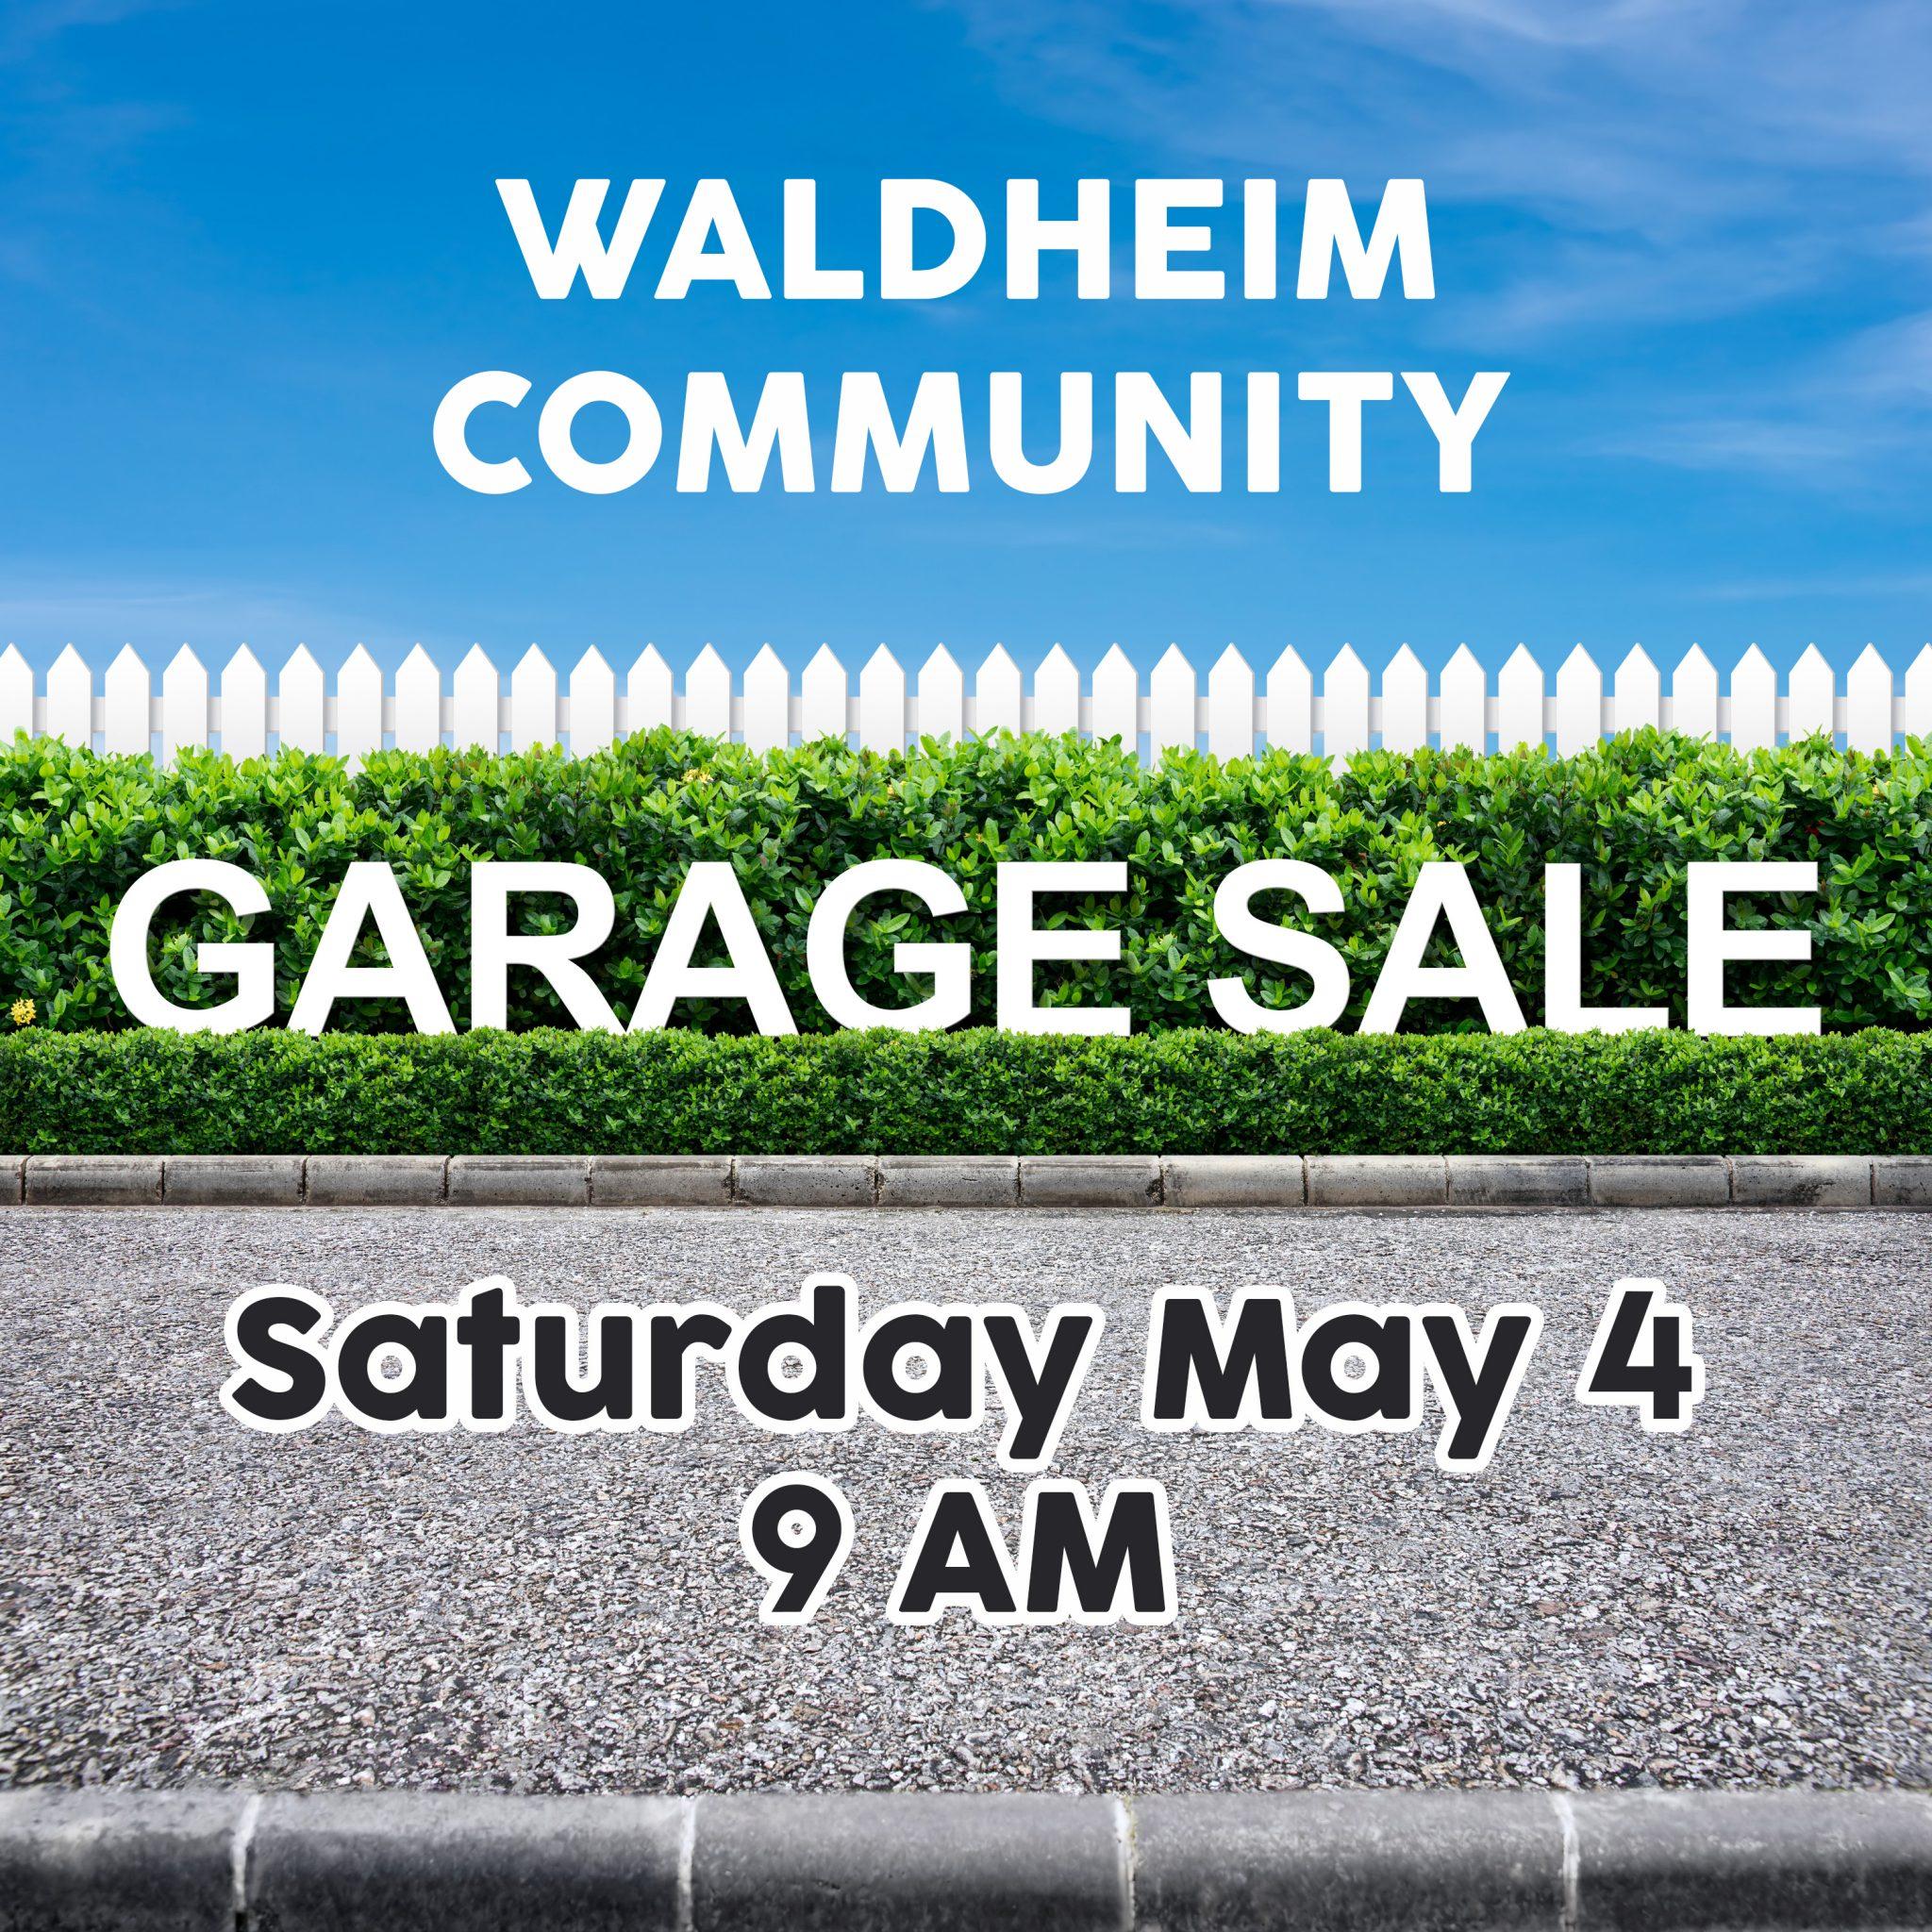 Waldheim Community Garage Sale